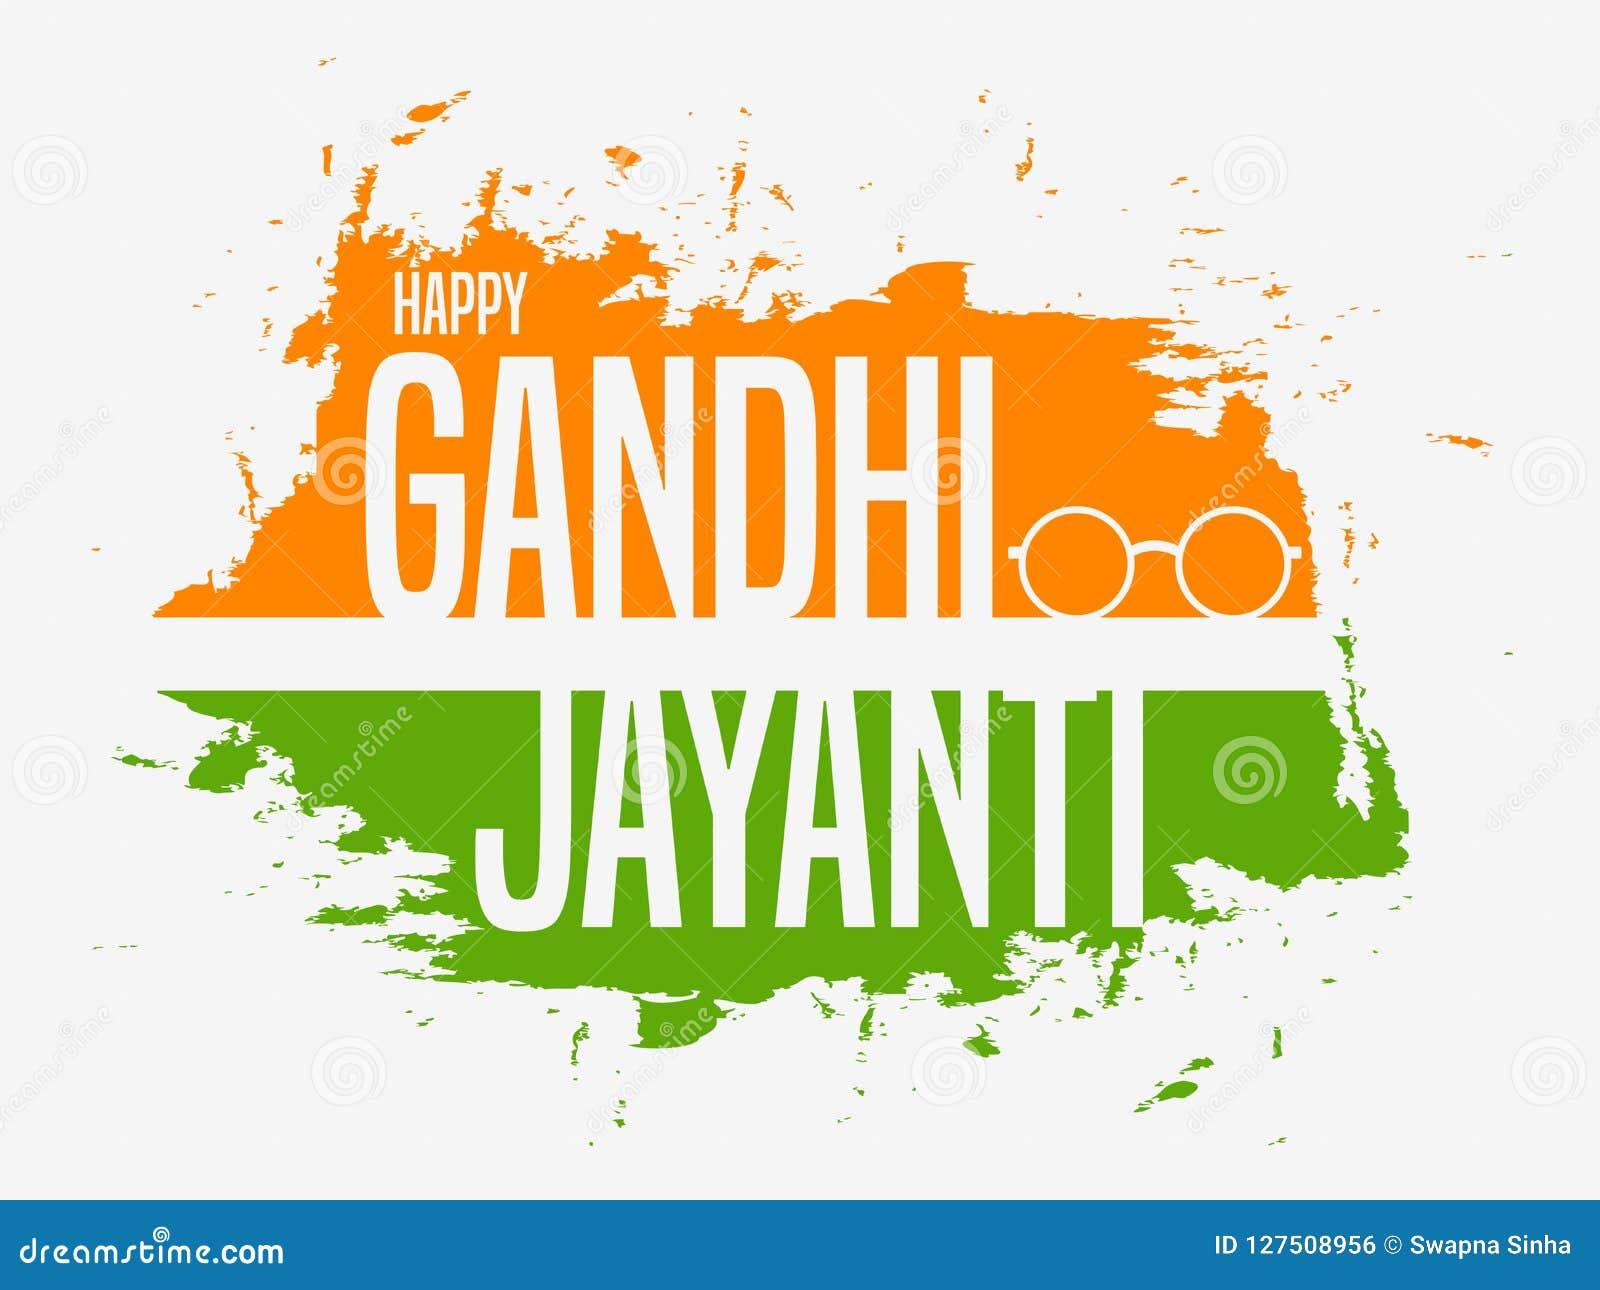 2nd Oktober Gandhi Jayanti